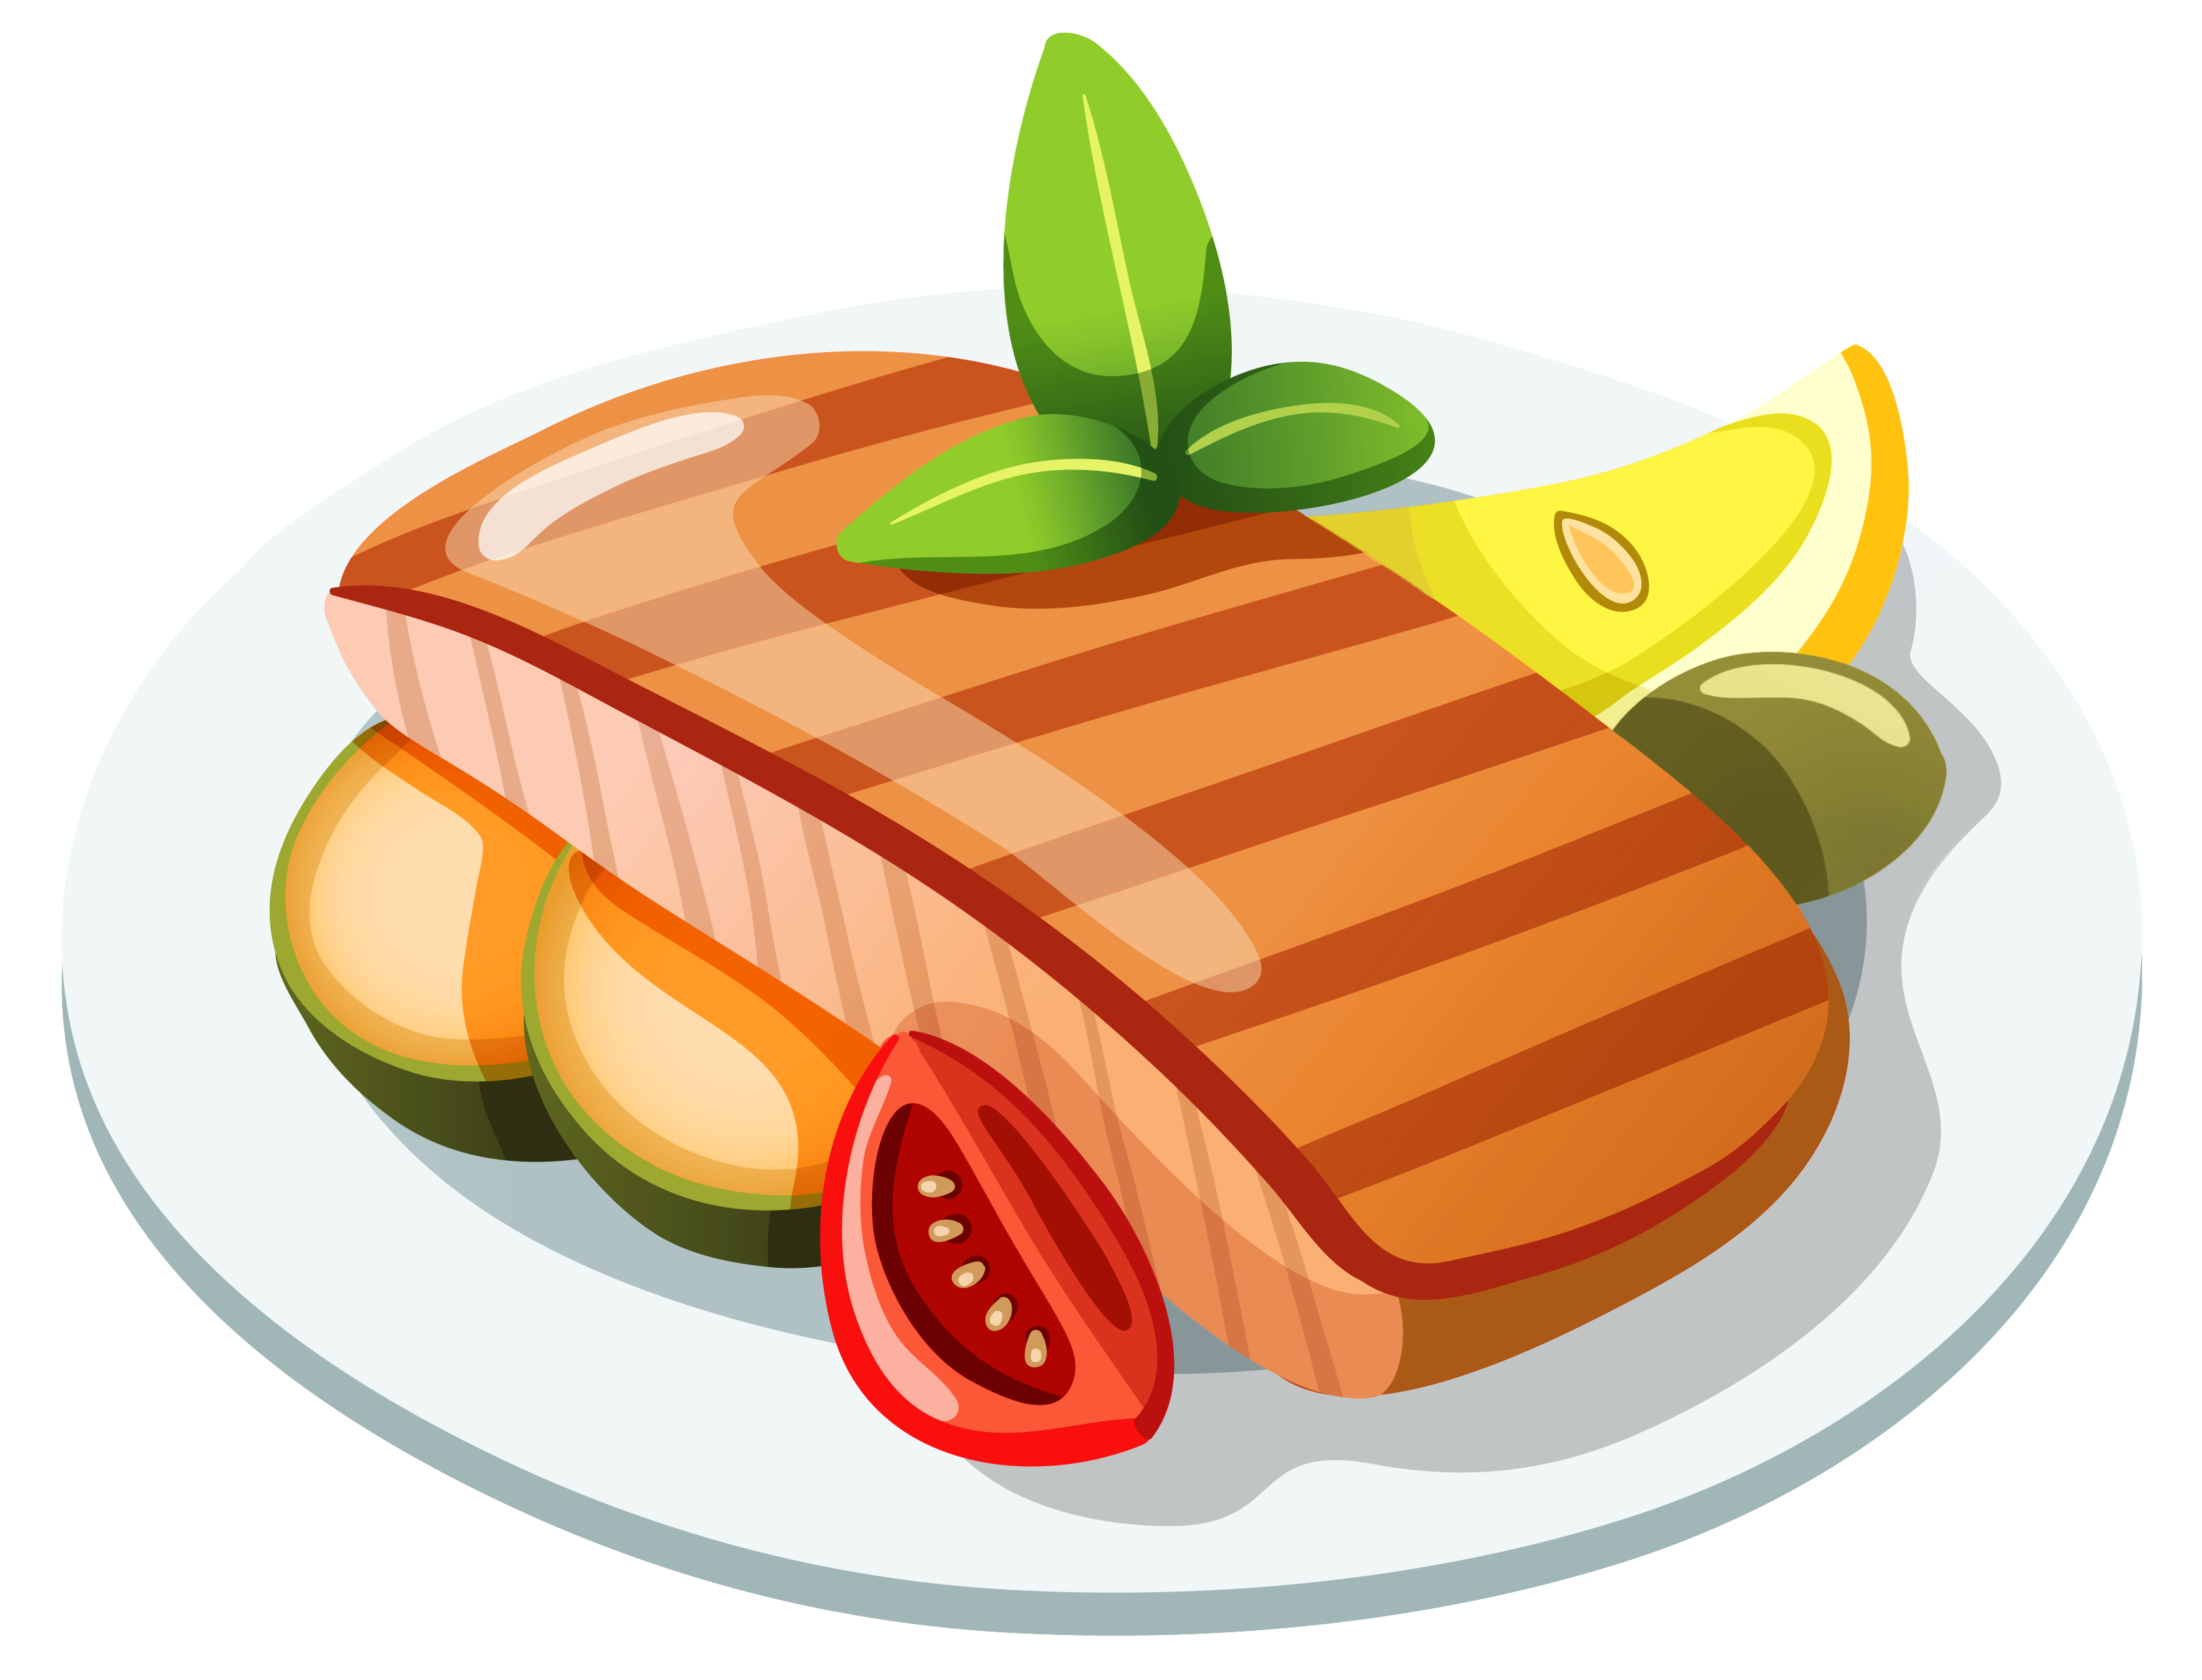 Clipart steak dinner freeuse stock Steak Dinner Cliparts Free Download Clip Art Free Clip - Free Clipart freeuse stock